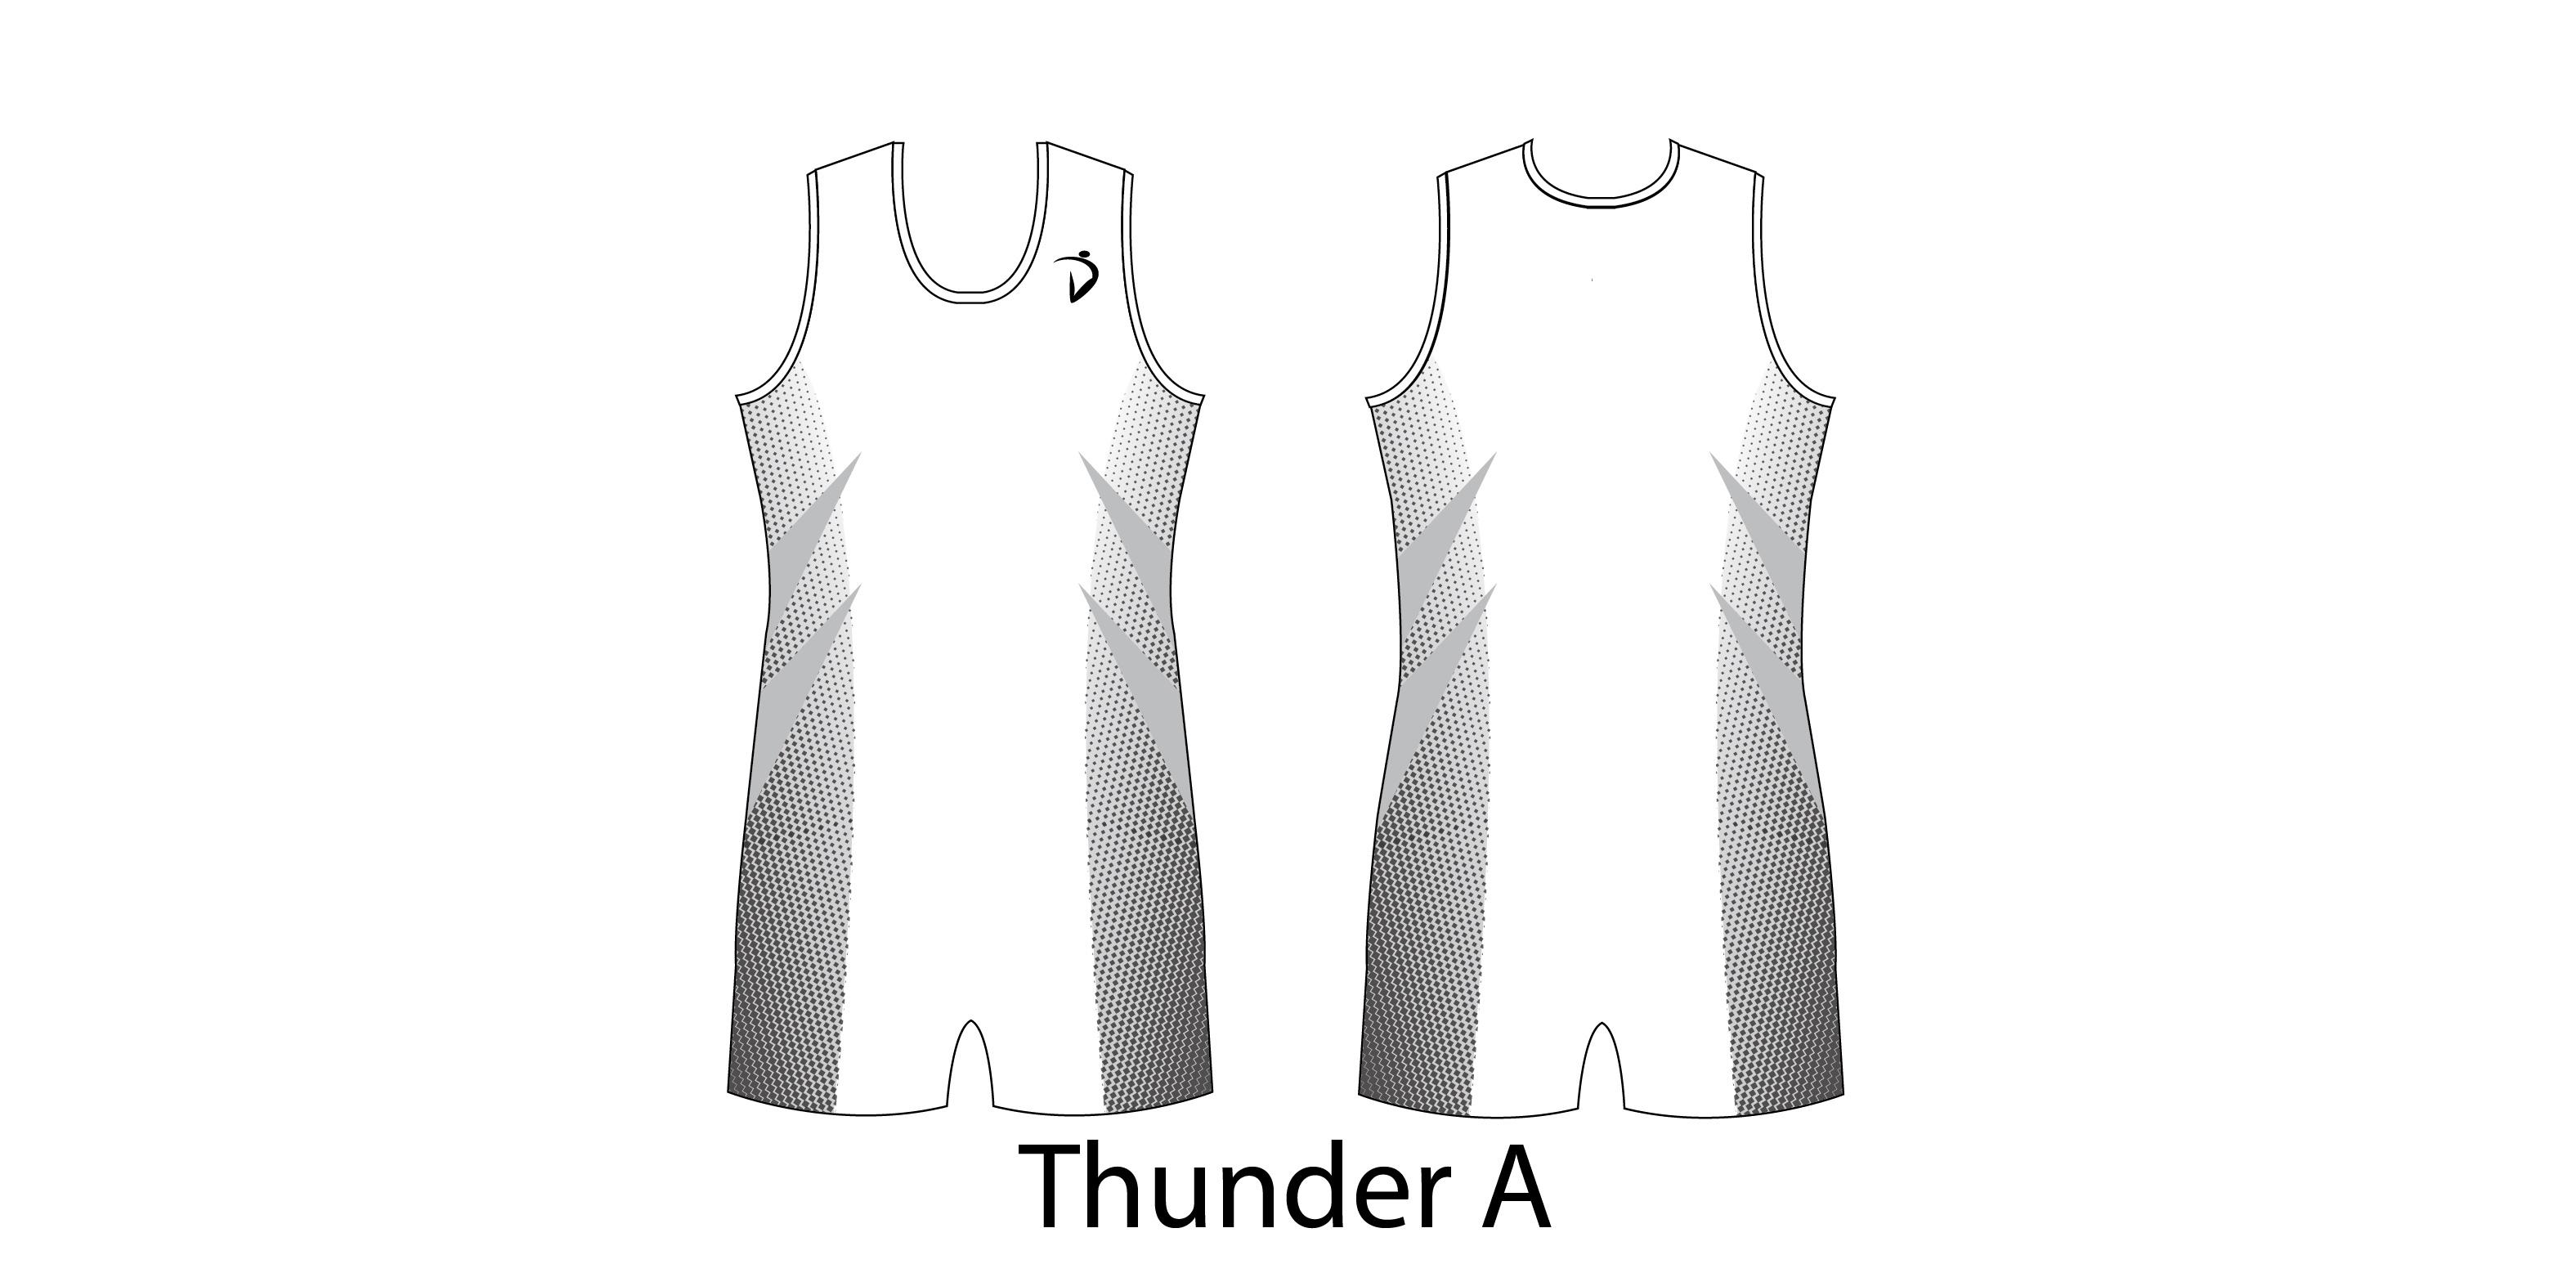 Thunder A